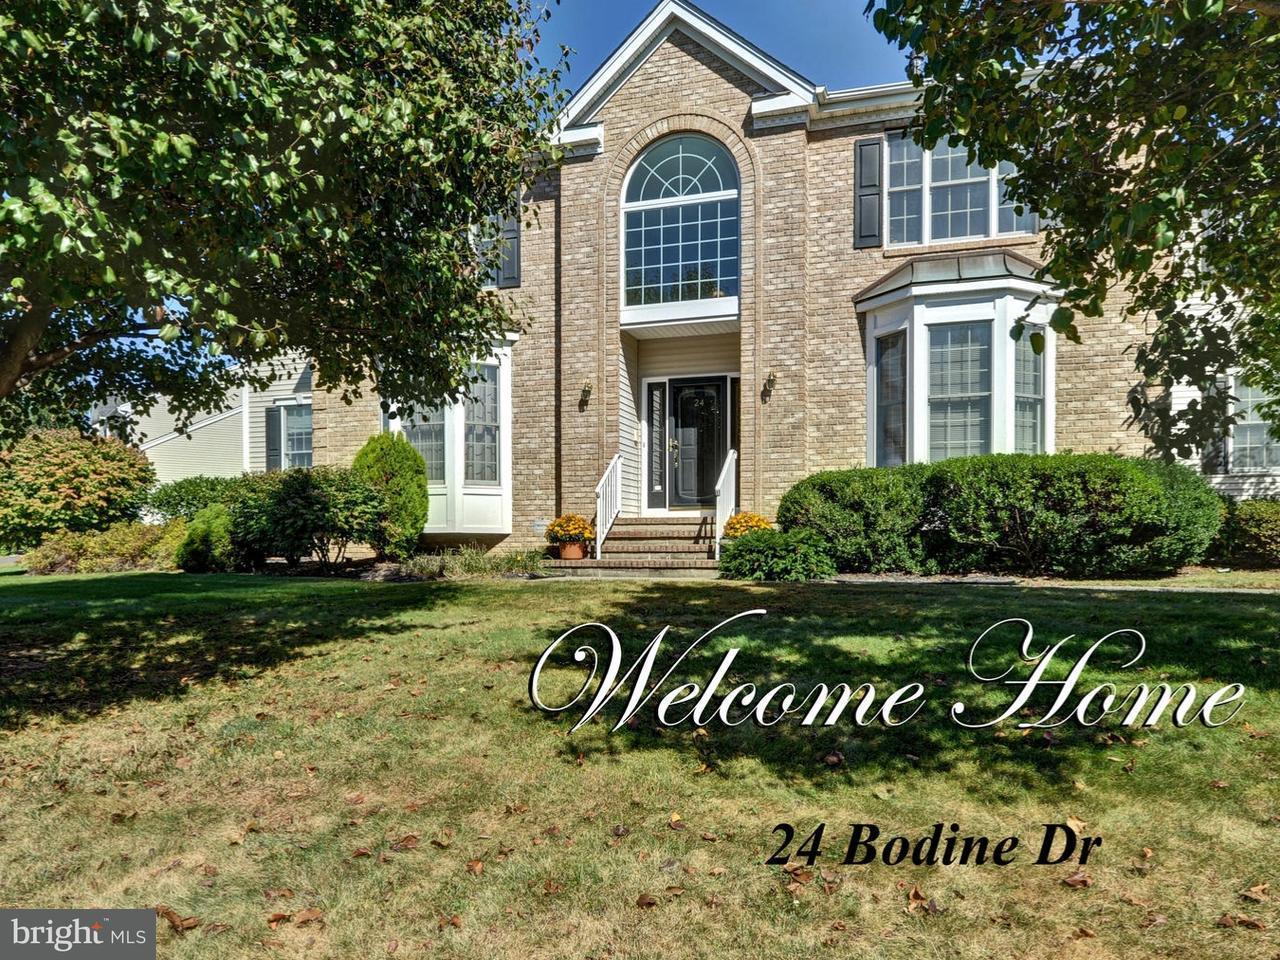 Частный односемейный дом для того Продажа на 24 BODINE Drive Cranbury, Нью-Джерси 08512 Соединенные ШтатыВ/Около: Cranbury Township